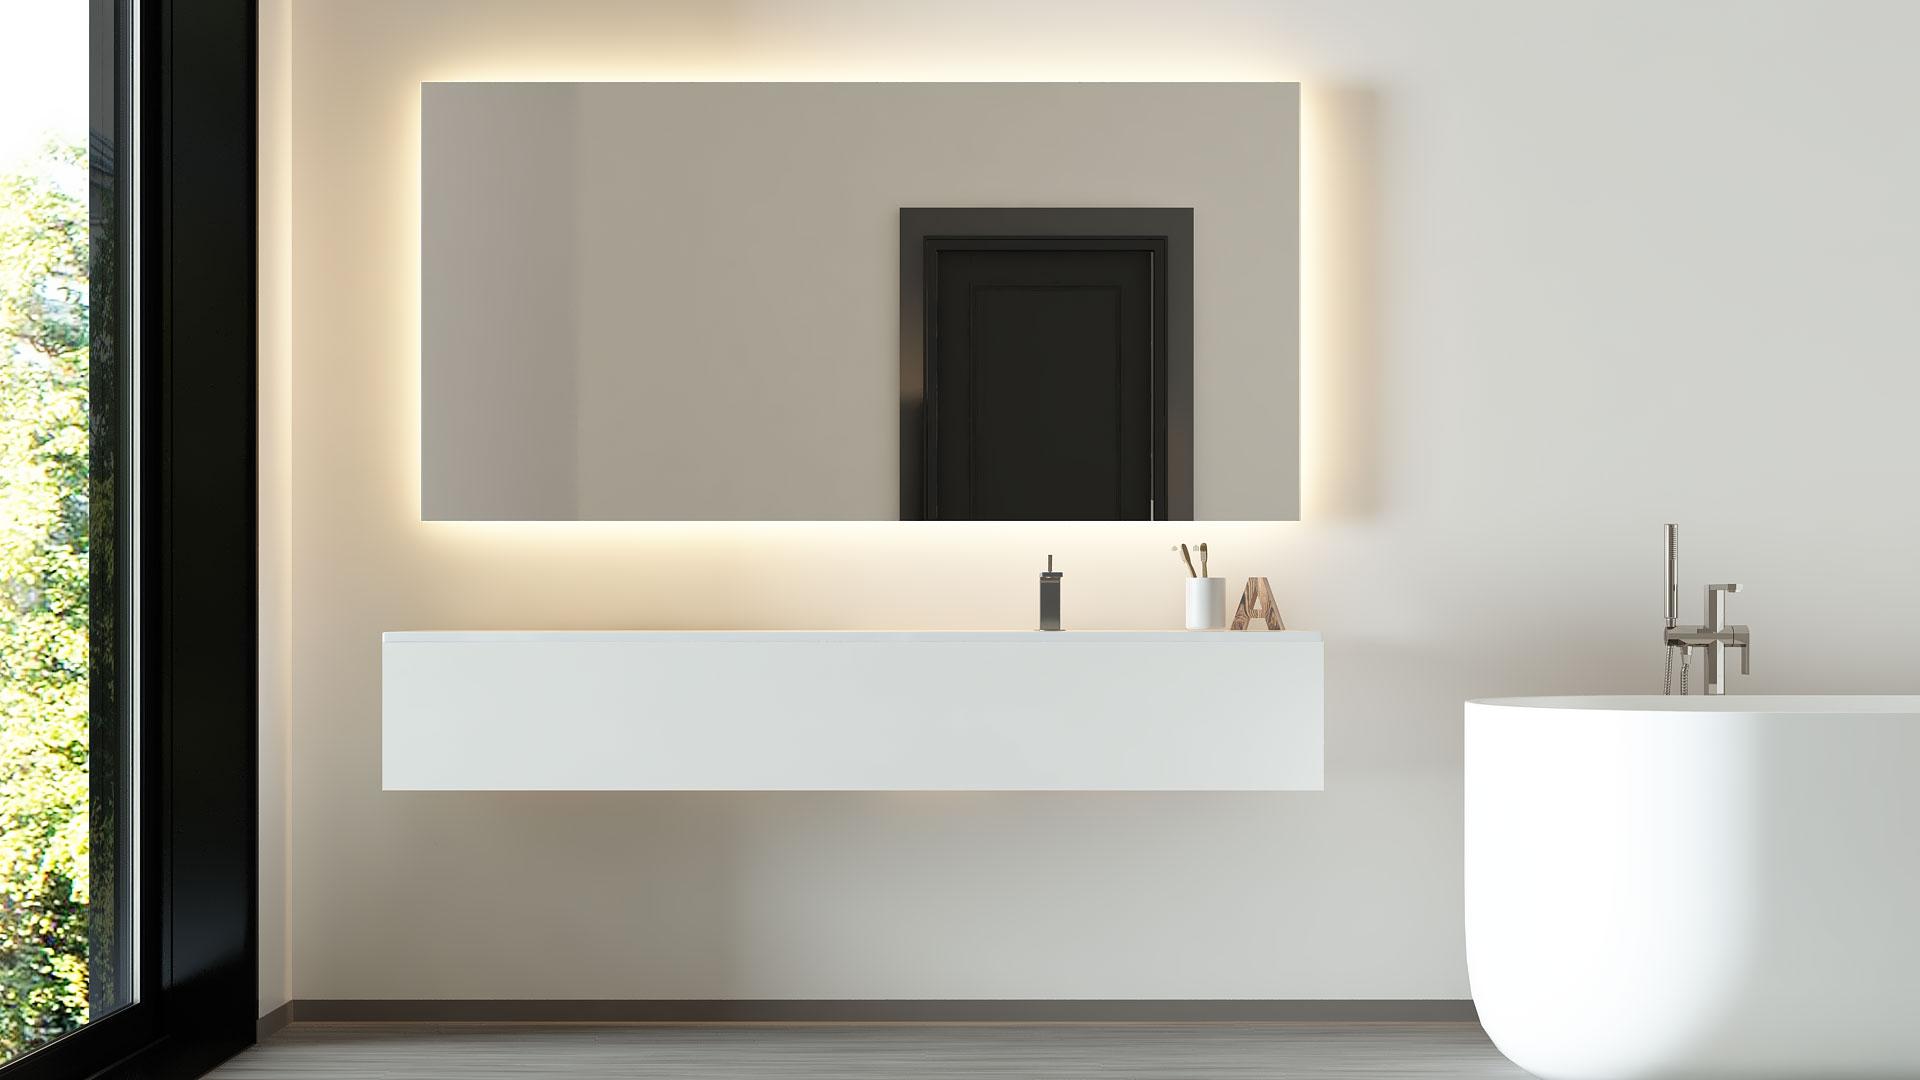 TIGRES ist ein Badspiegel mit Hintergrundbeleuchtung